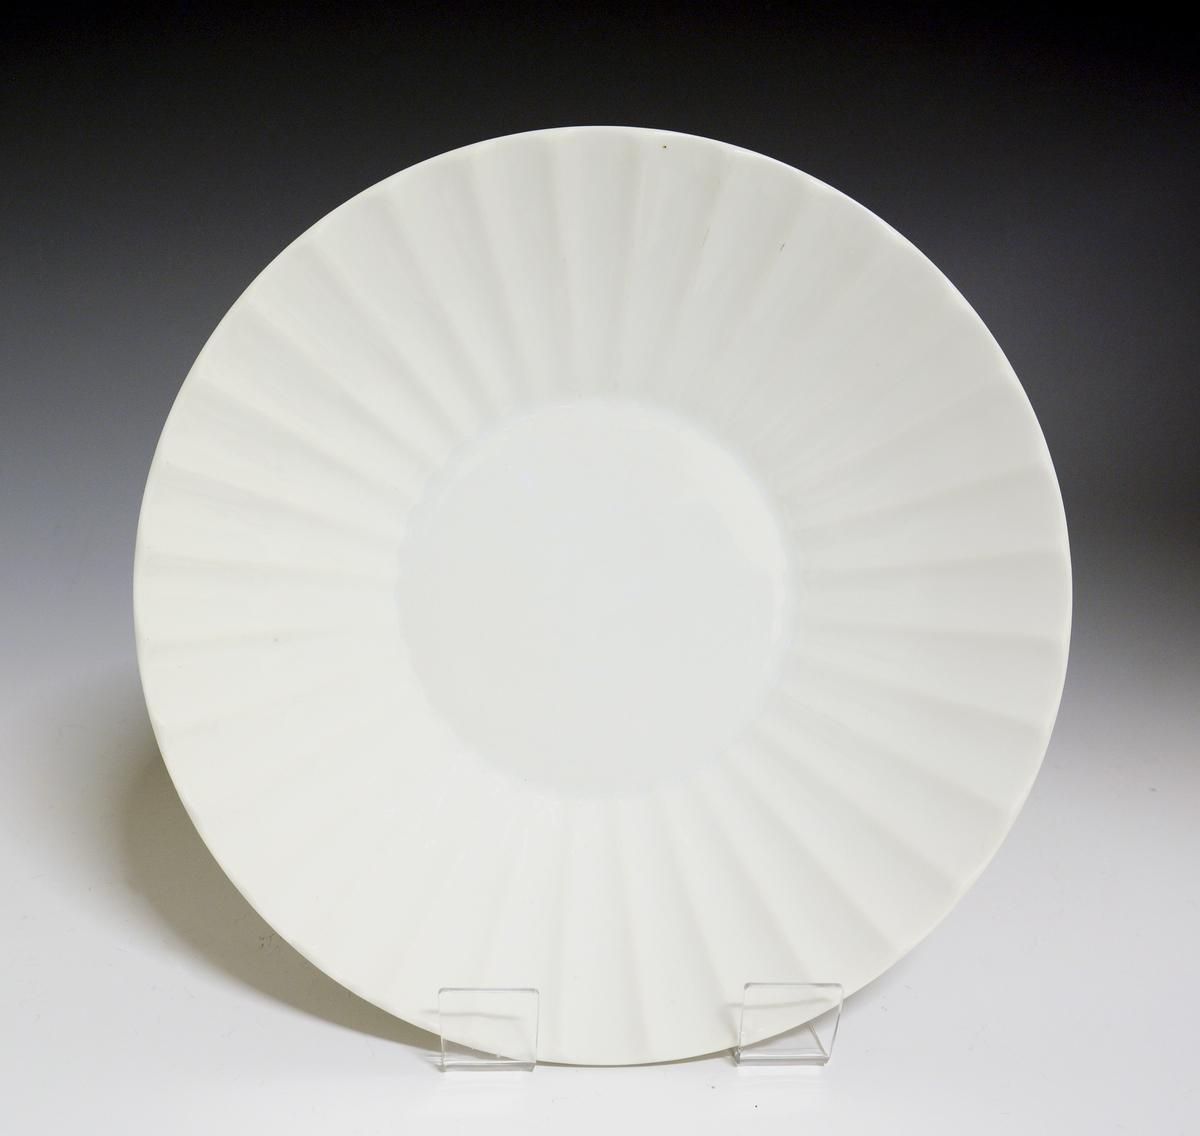 Prot: Litet fat av porselen. Fanen skrå med svakt buet side, som har nedsenkede radiære felt. Hvit glasur, uten dekor.